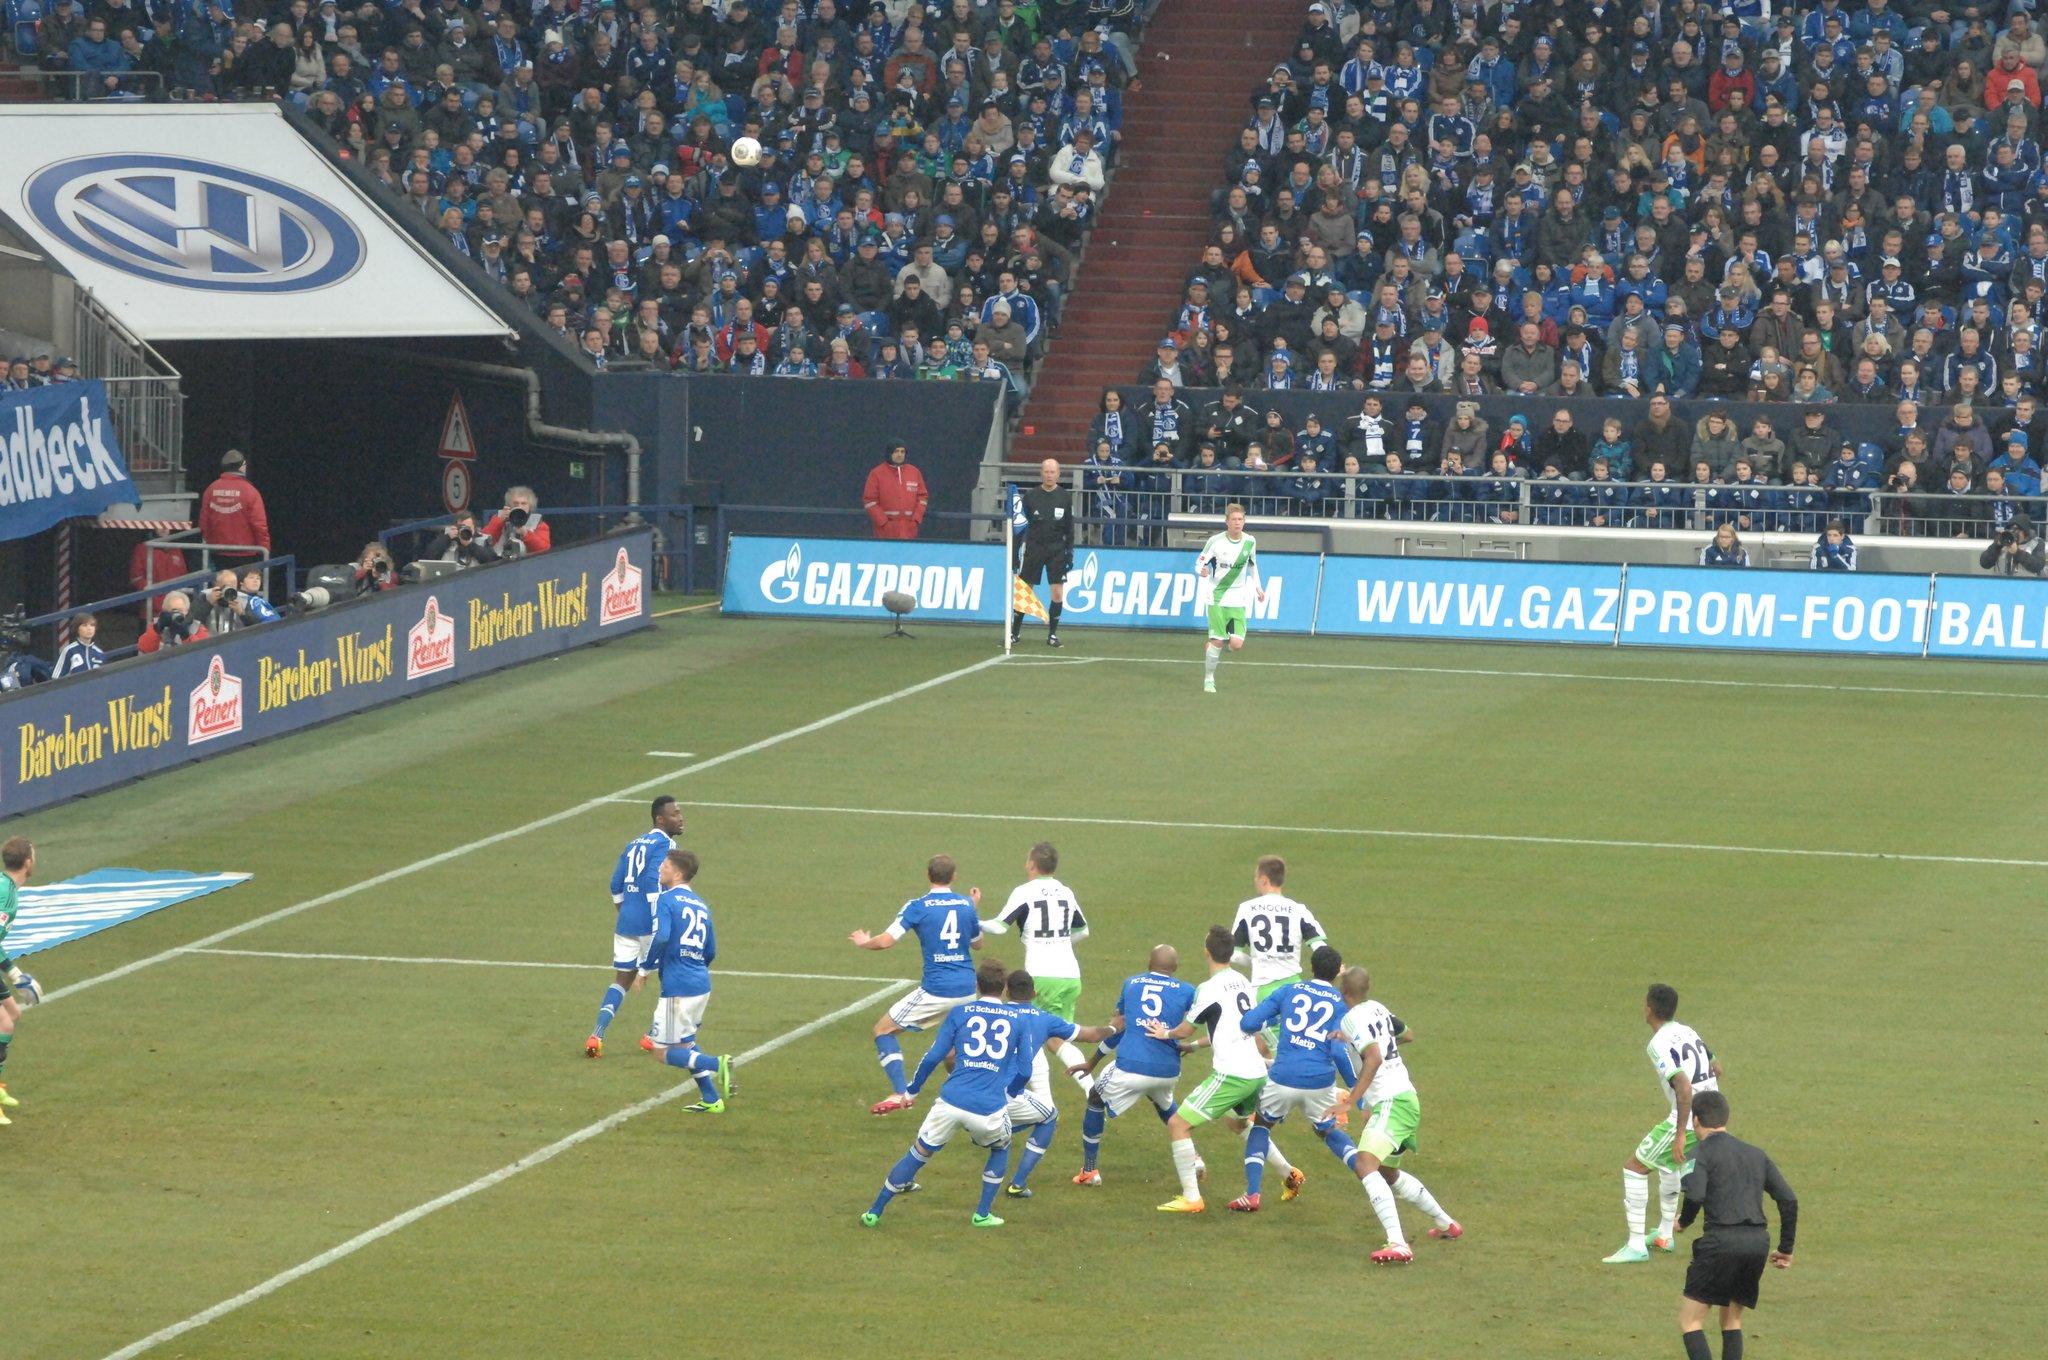 Schalke besiegt Wolfsburg  - Herne